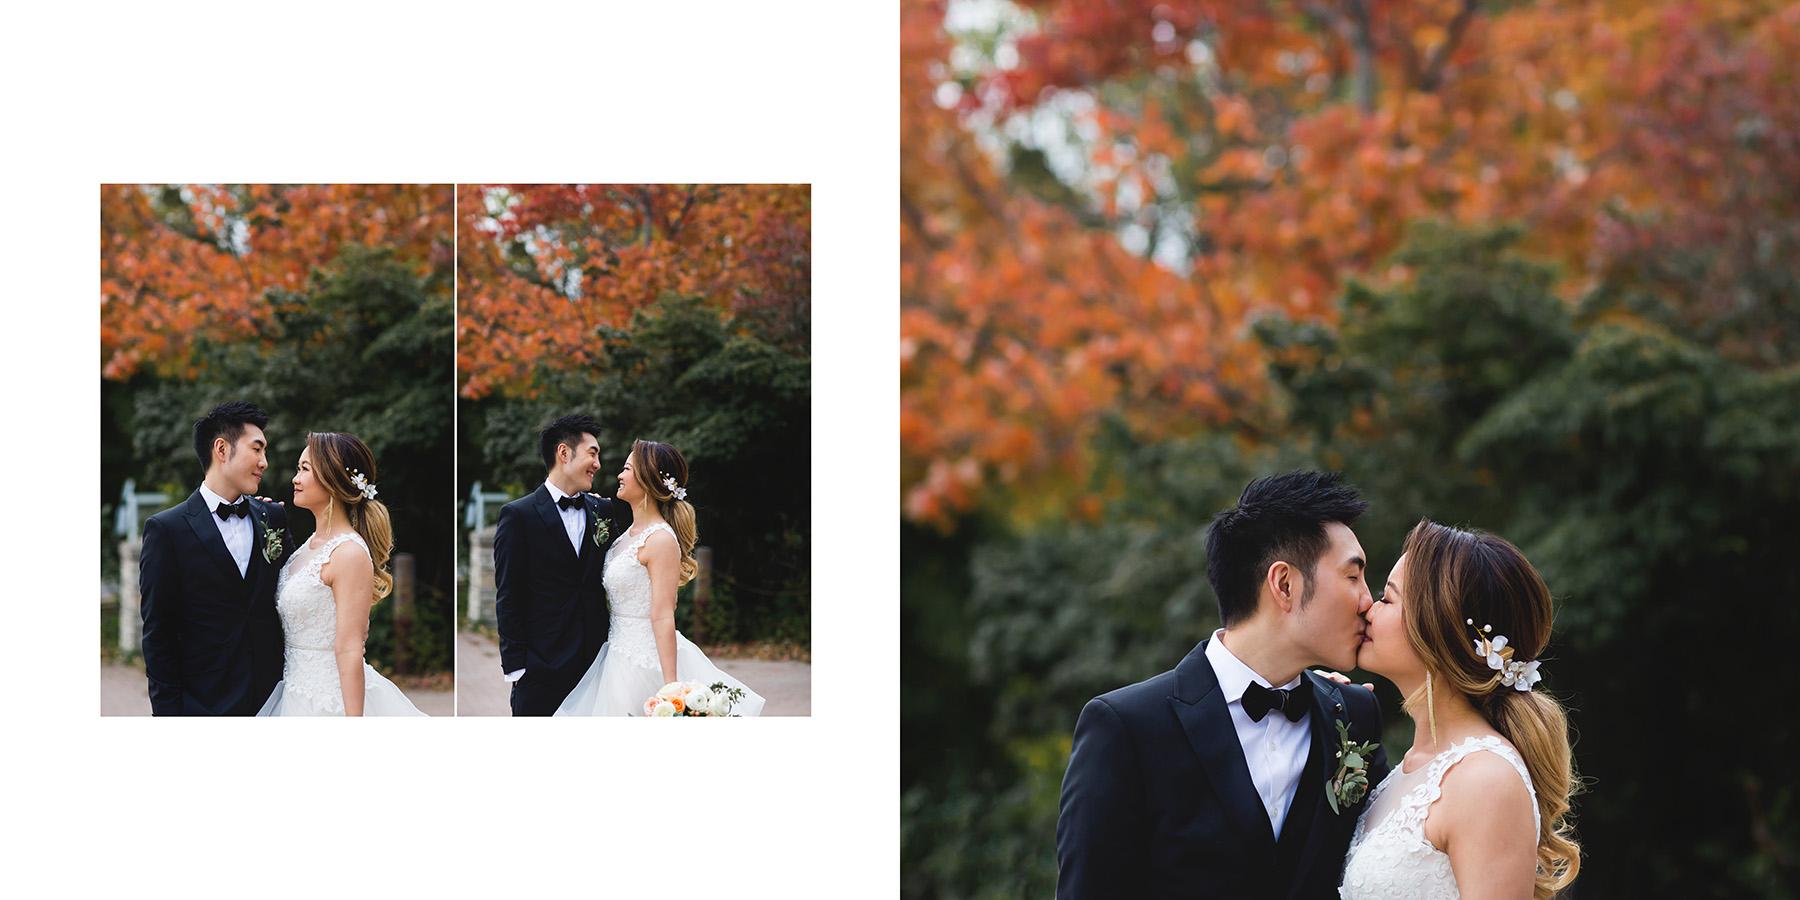 Tiffany_+_Matthew_-_Wedding_Album_16.jpg